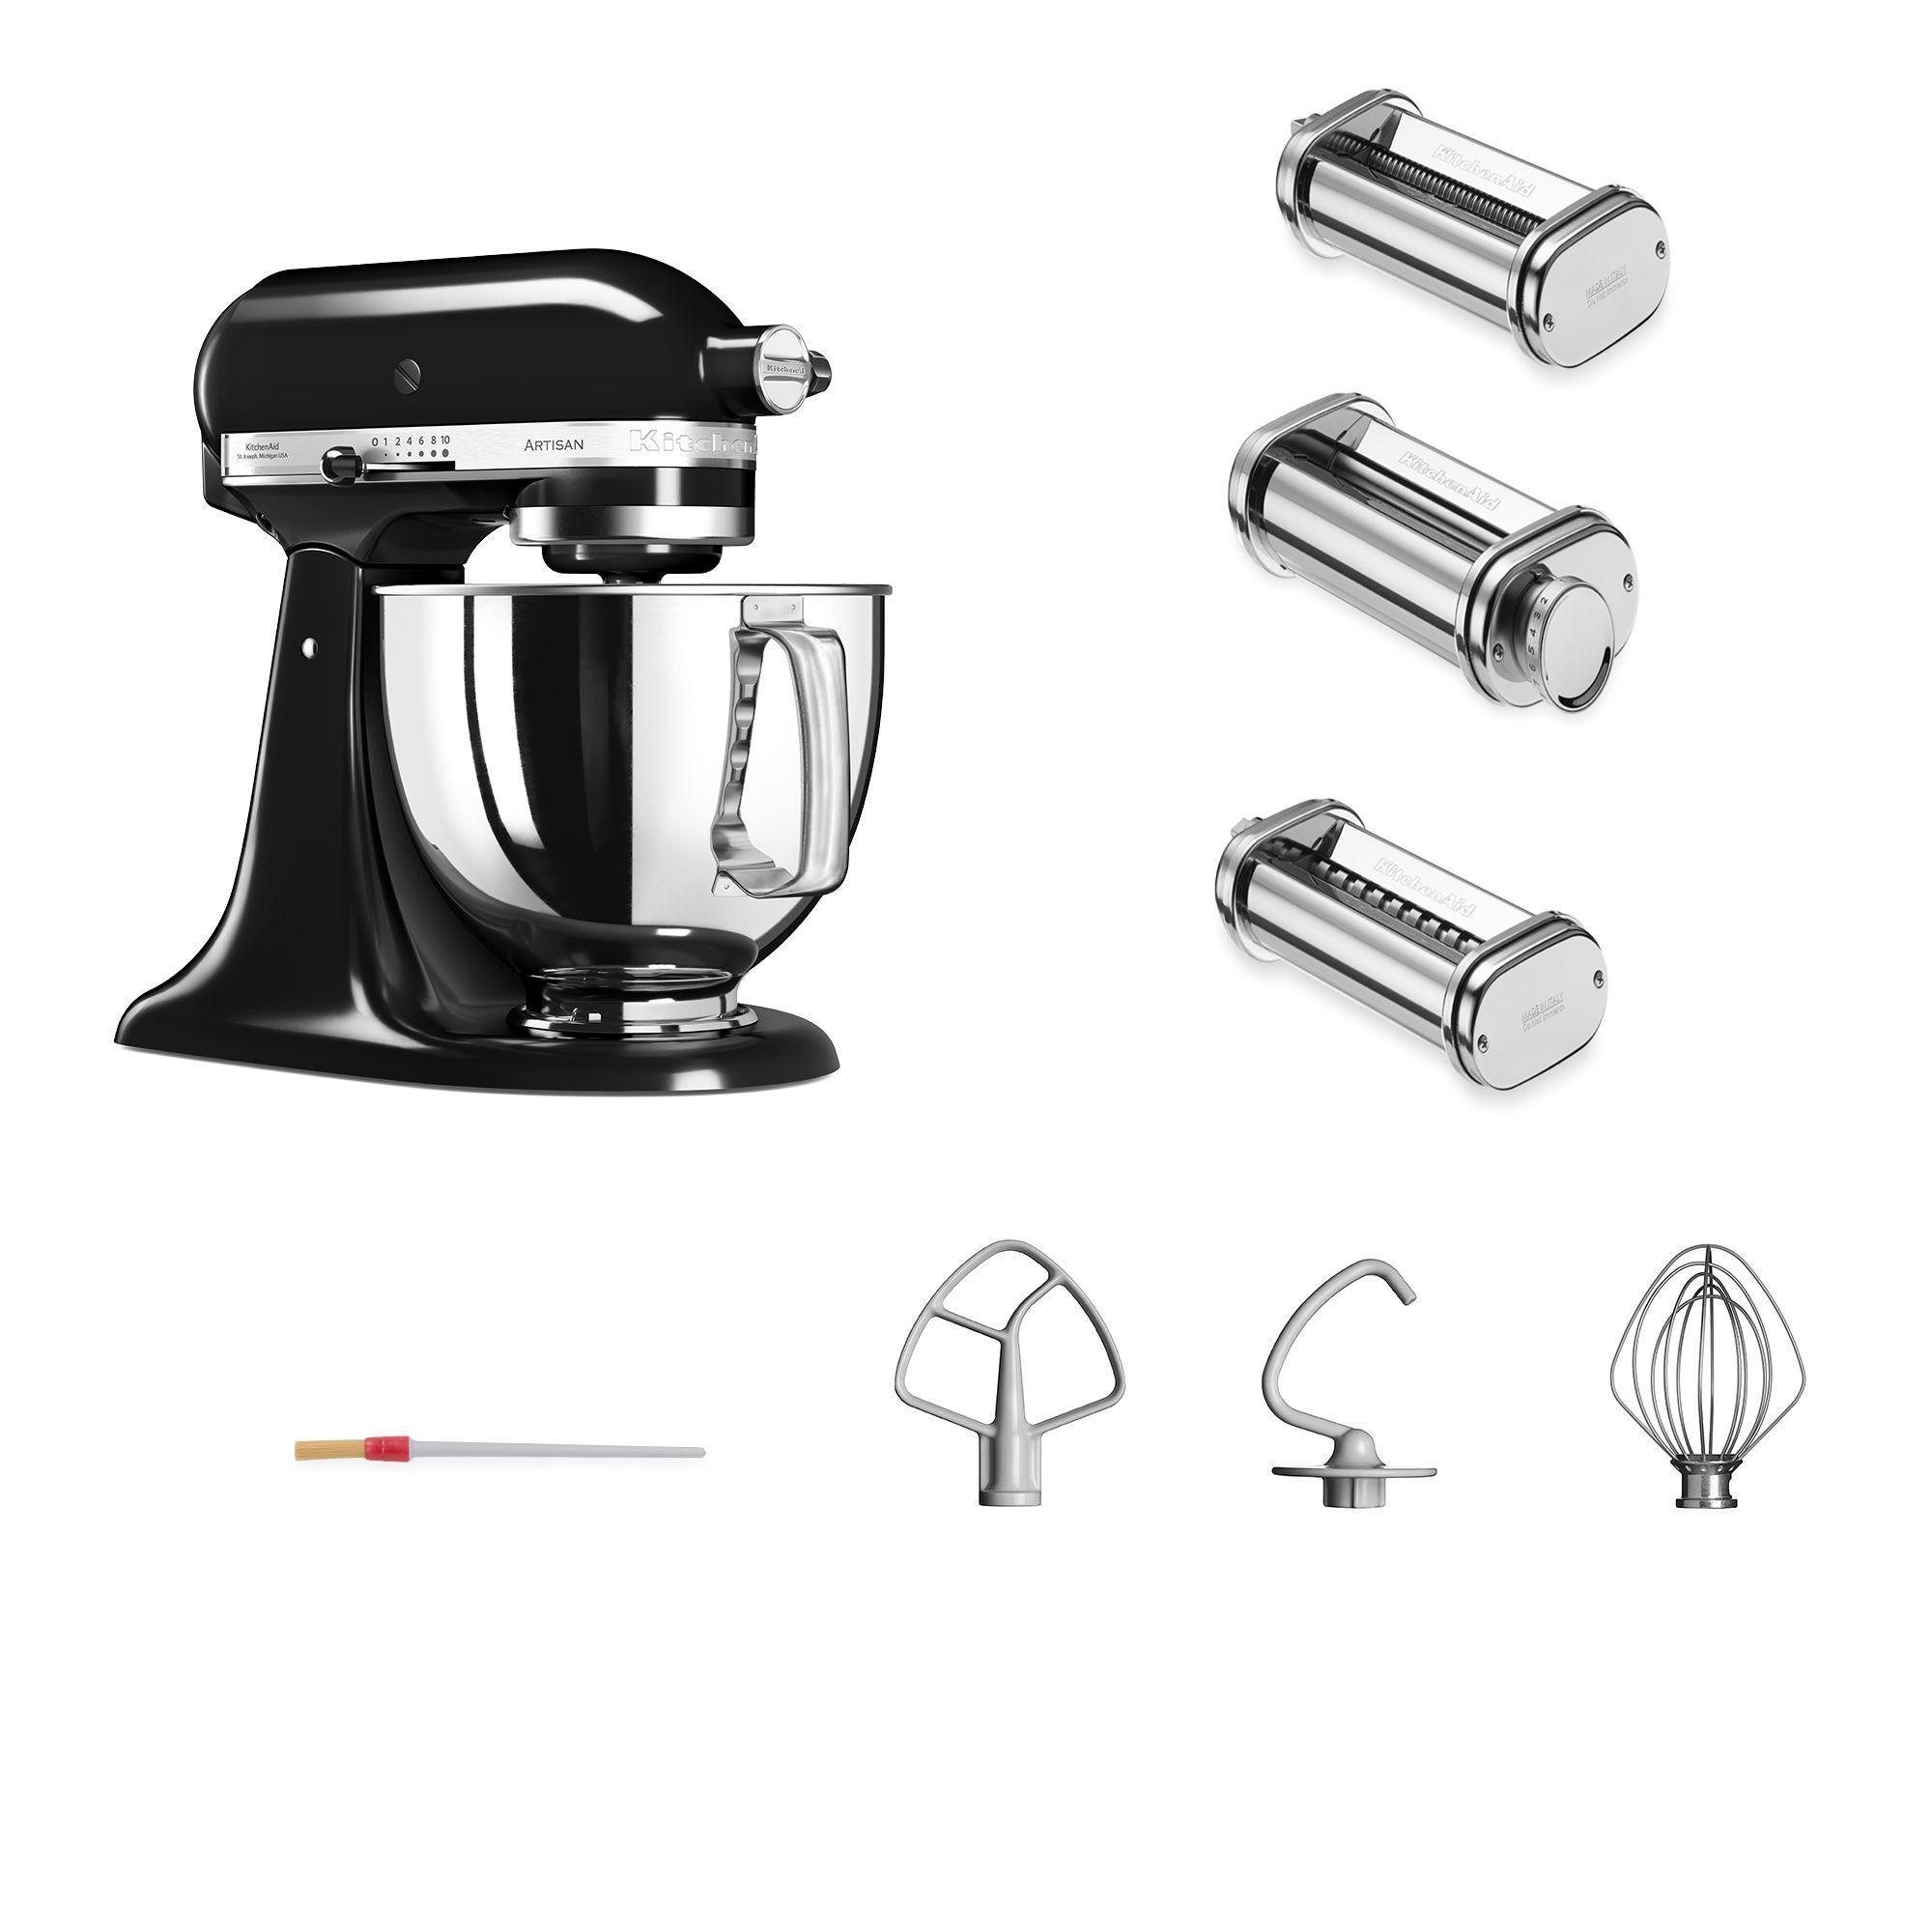 KitchenAid Artisan 5KSM125 Robot da cucina con 3 accessori